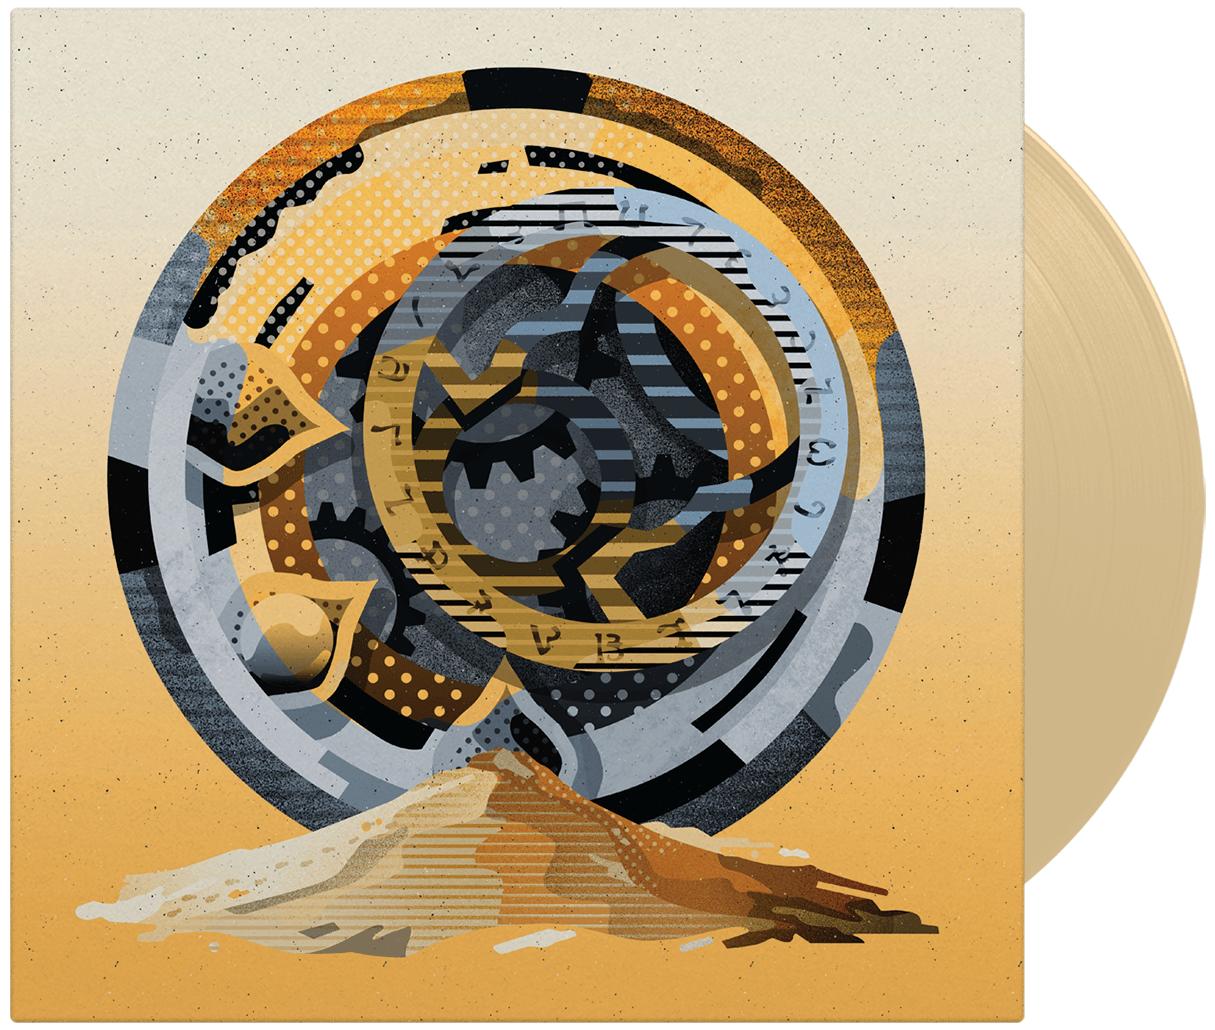 【Uncharted(アンチャーテッド)】ネイザン・ドレイク・コレクション - 画像4